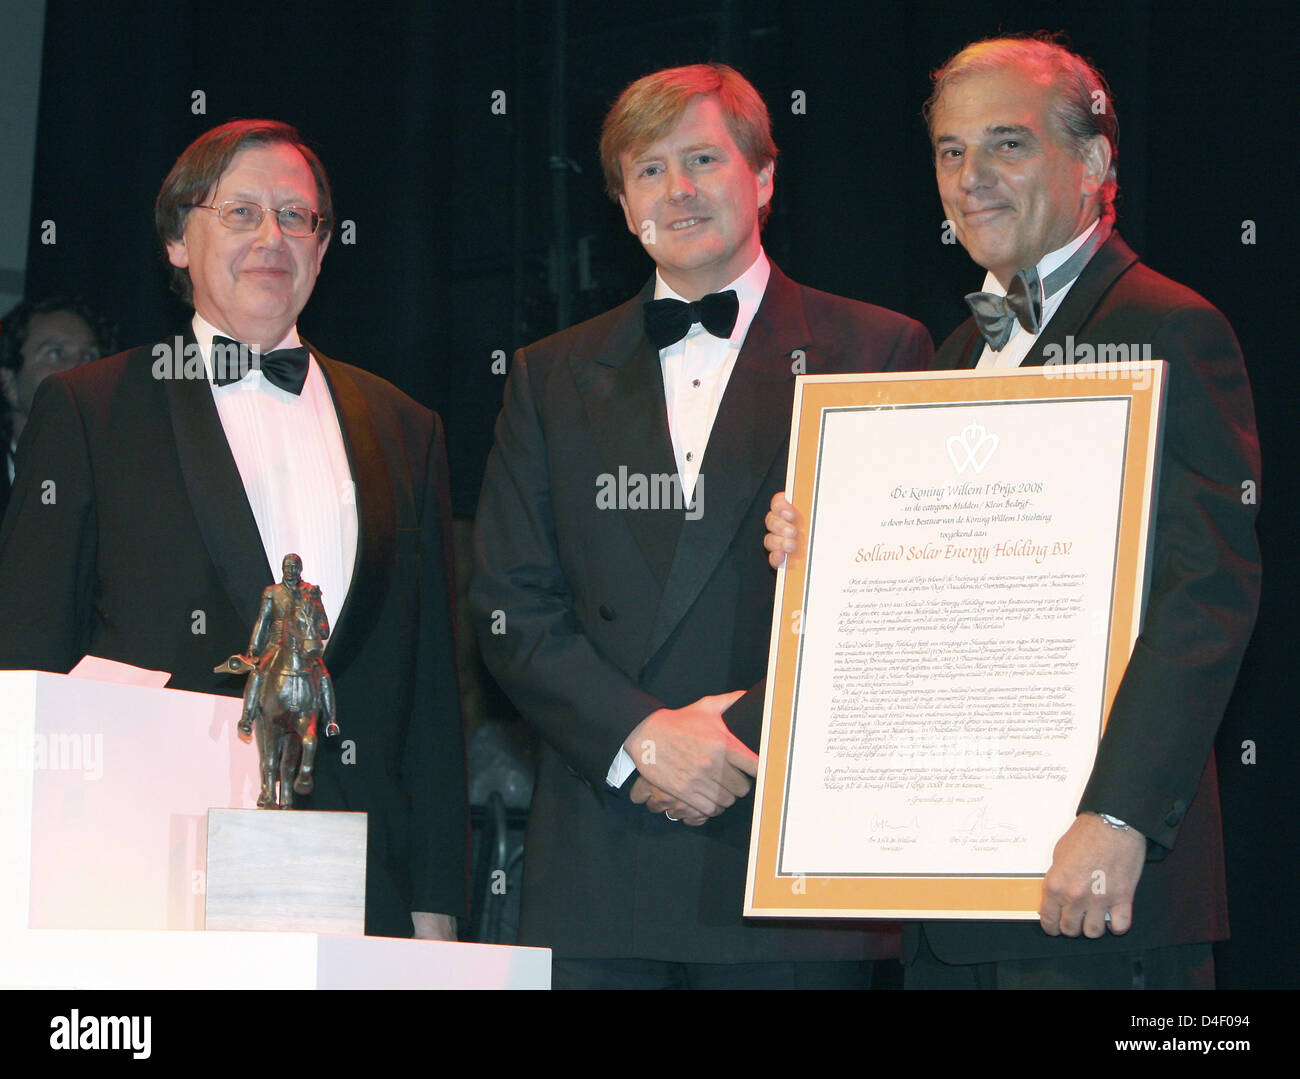 El príncipe Willem-Alexander de Holanda (C) honores Klaas Wester de Fugro Consult (L) y Nout Welling, el presidente Imagen De Stock